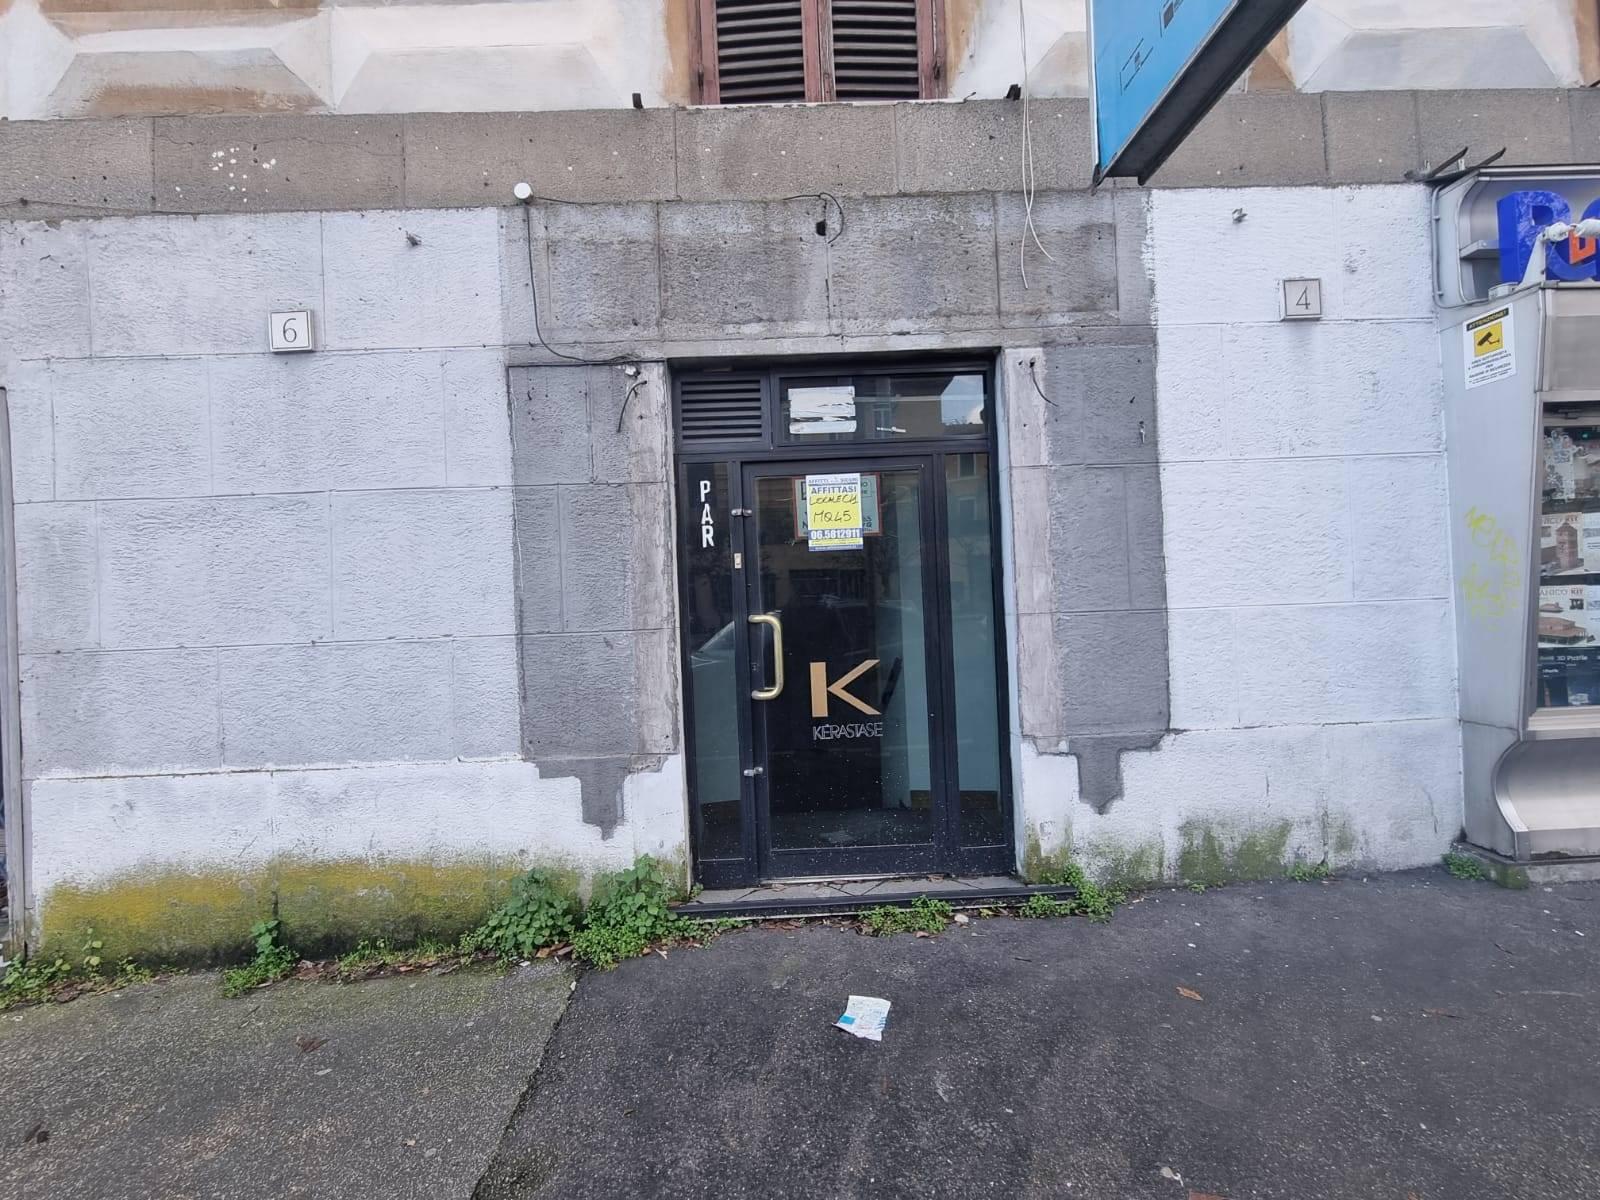 Torlonia Via Bari proponiamo in affitto locale C/1 di 35 mq con una vetrina su strada. Ideale per ufficio. L'immobile si presenta da ristrutturare,